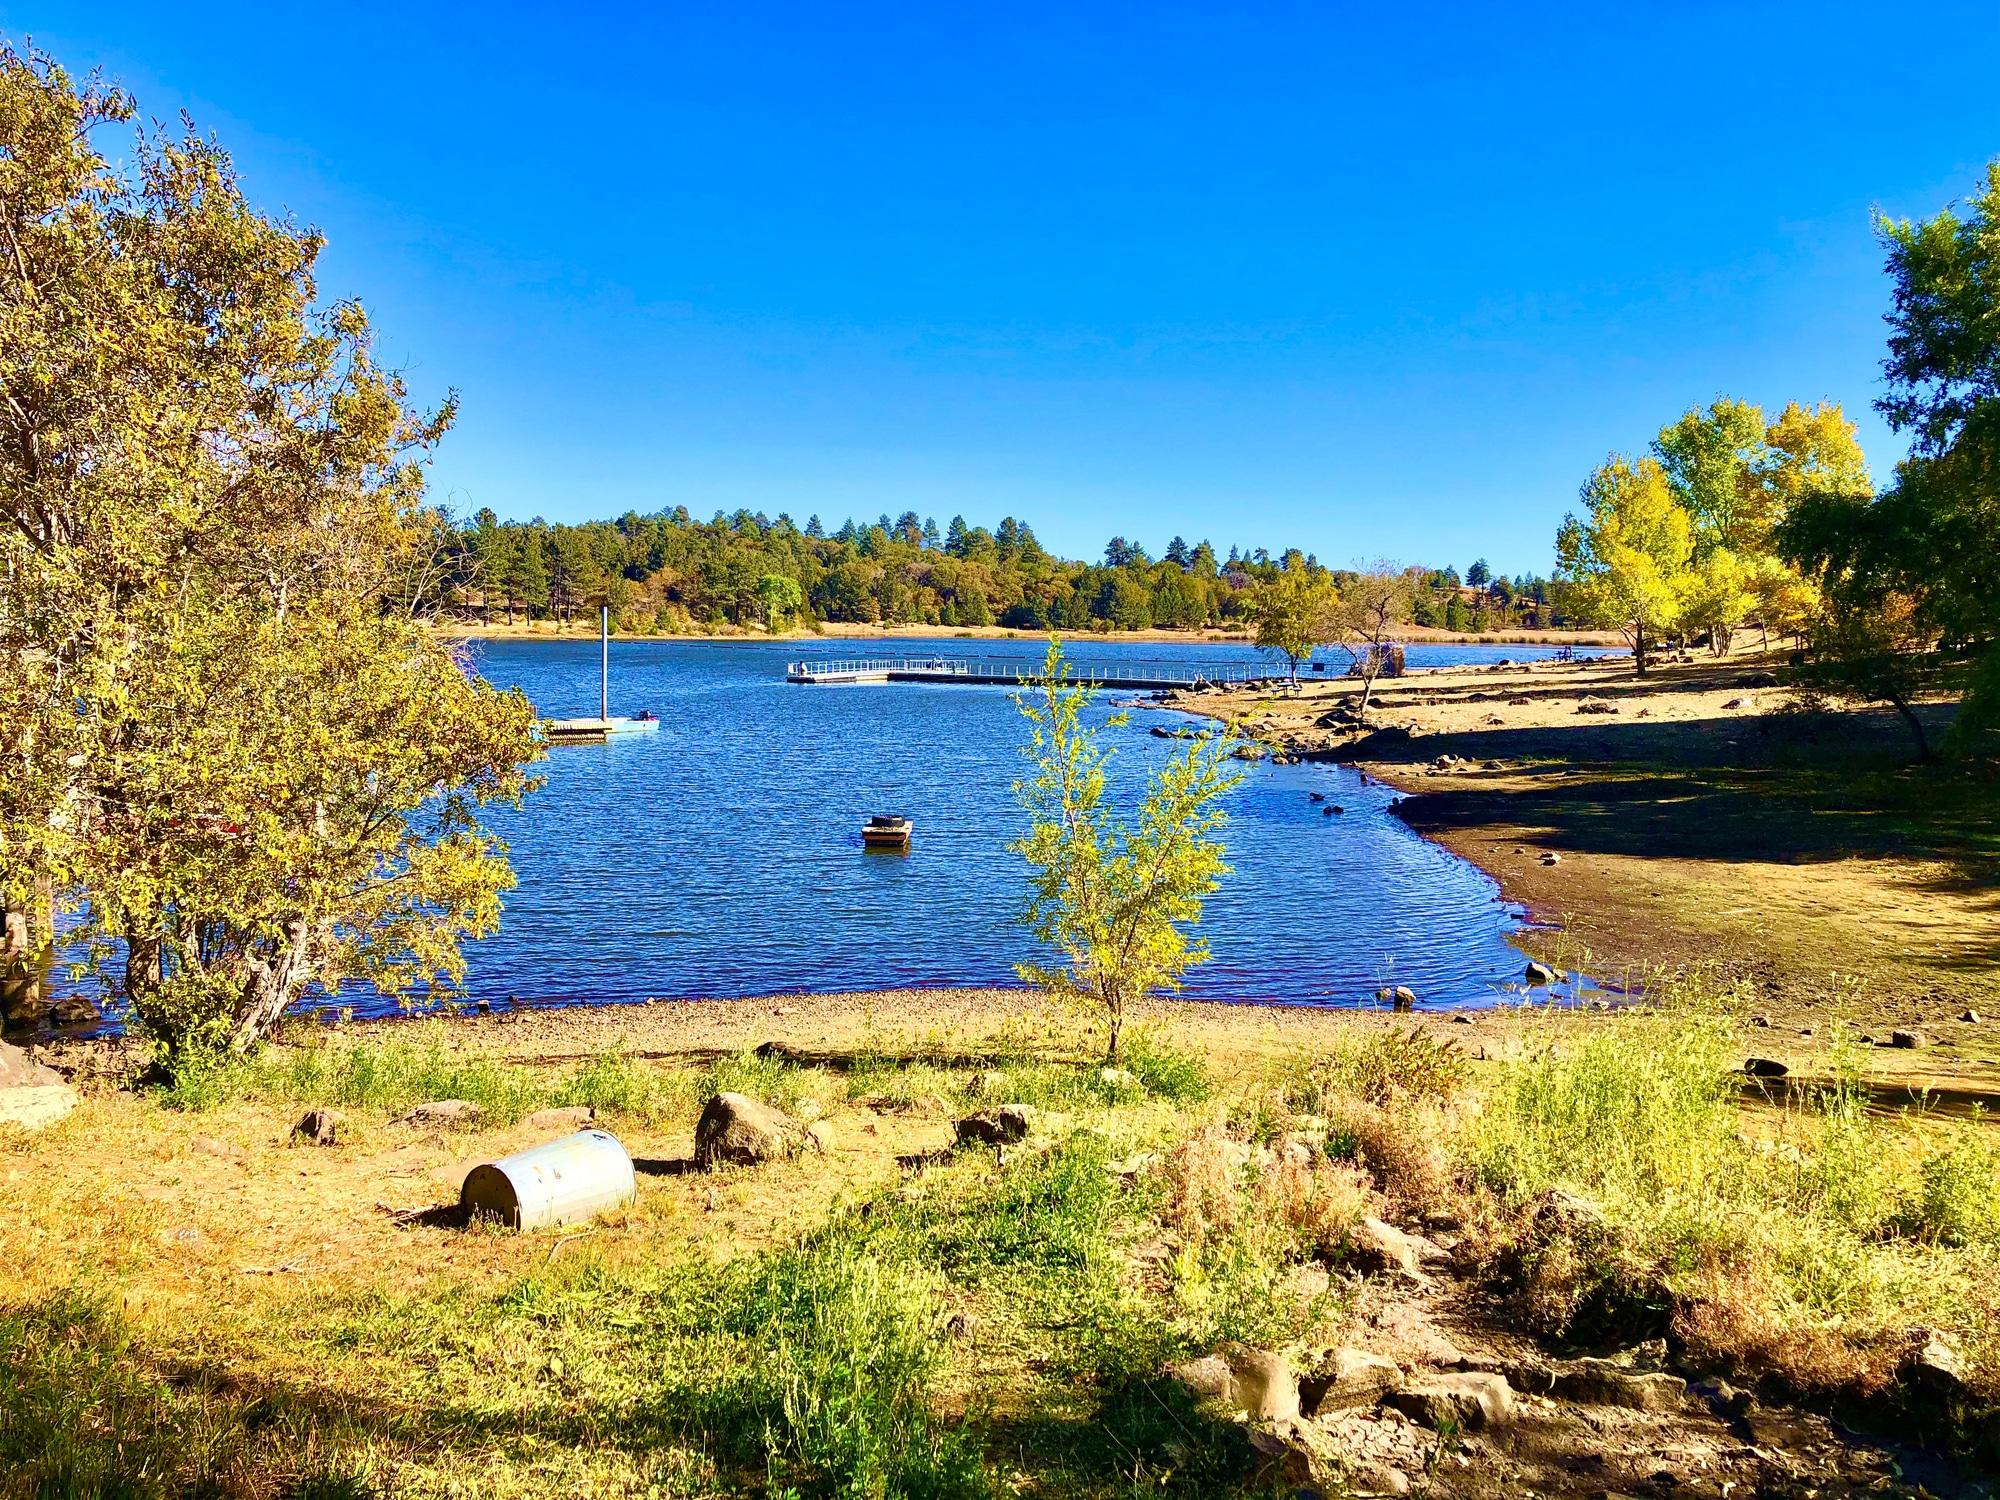 Lake Cuyamaca on a sunny day in Julian, California.